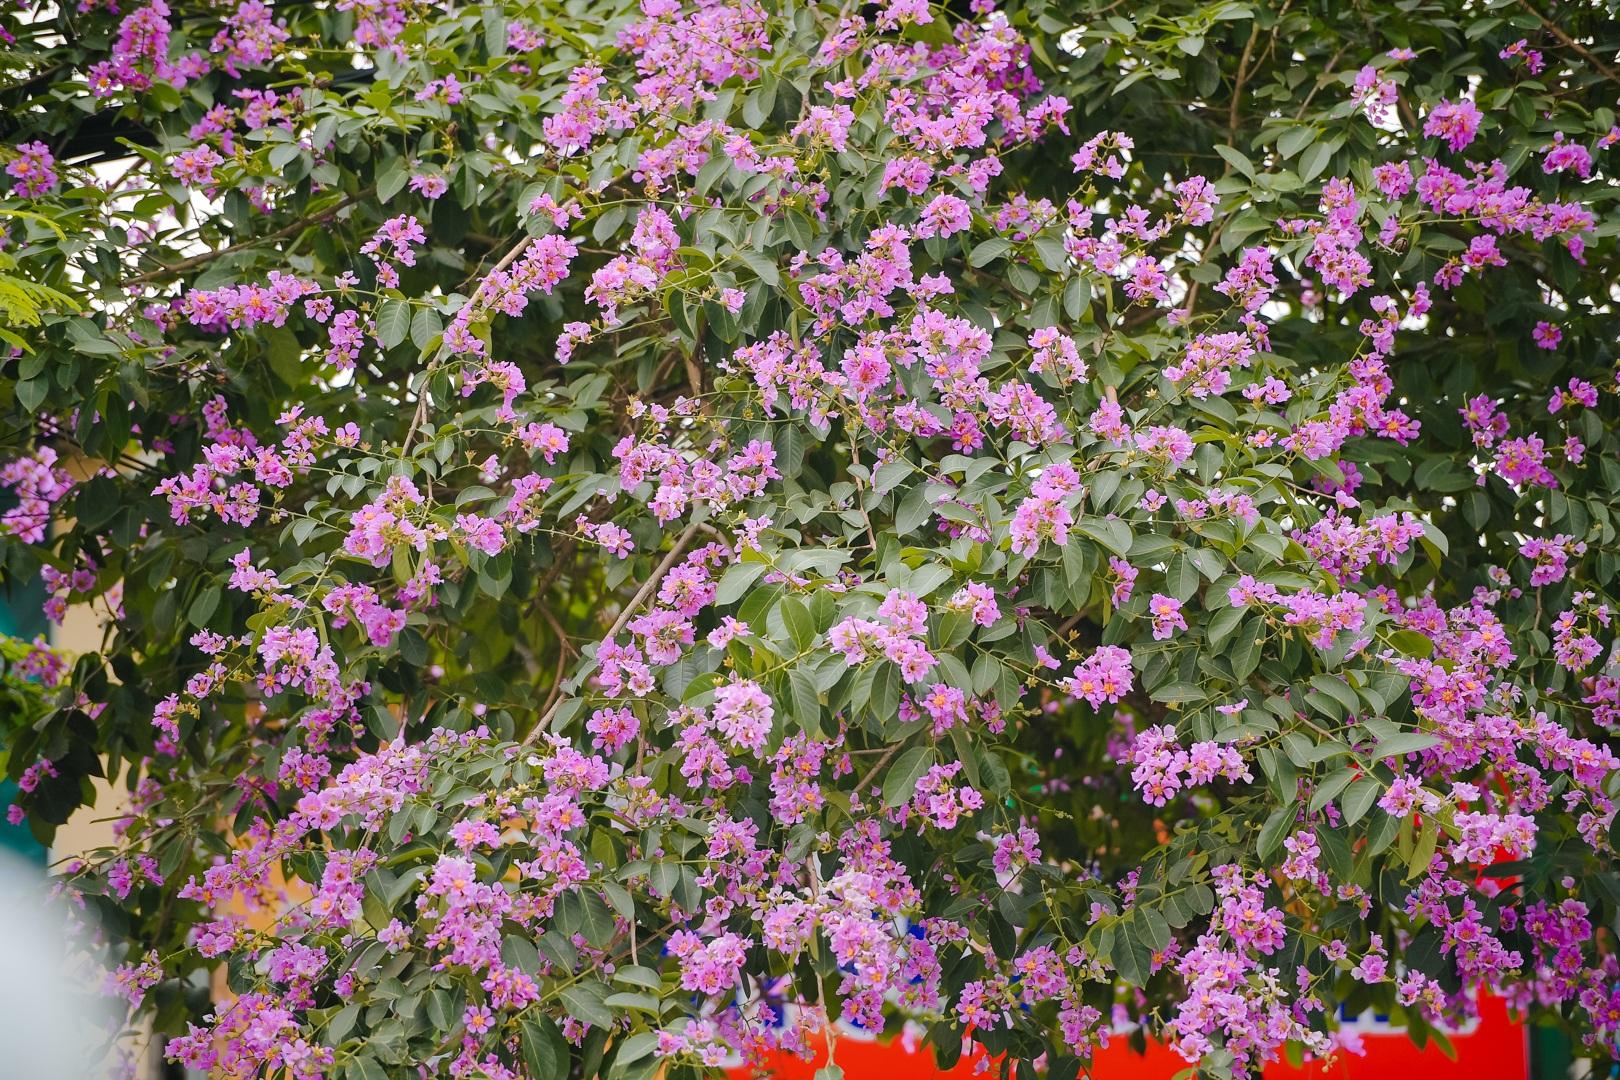 Hoa bằng lăng mộng mơ nhuộm tím đường phố Hà Nội - 10